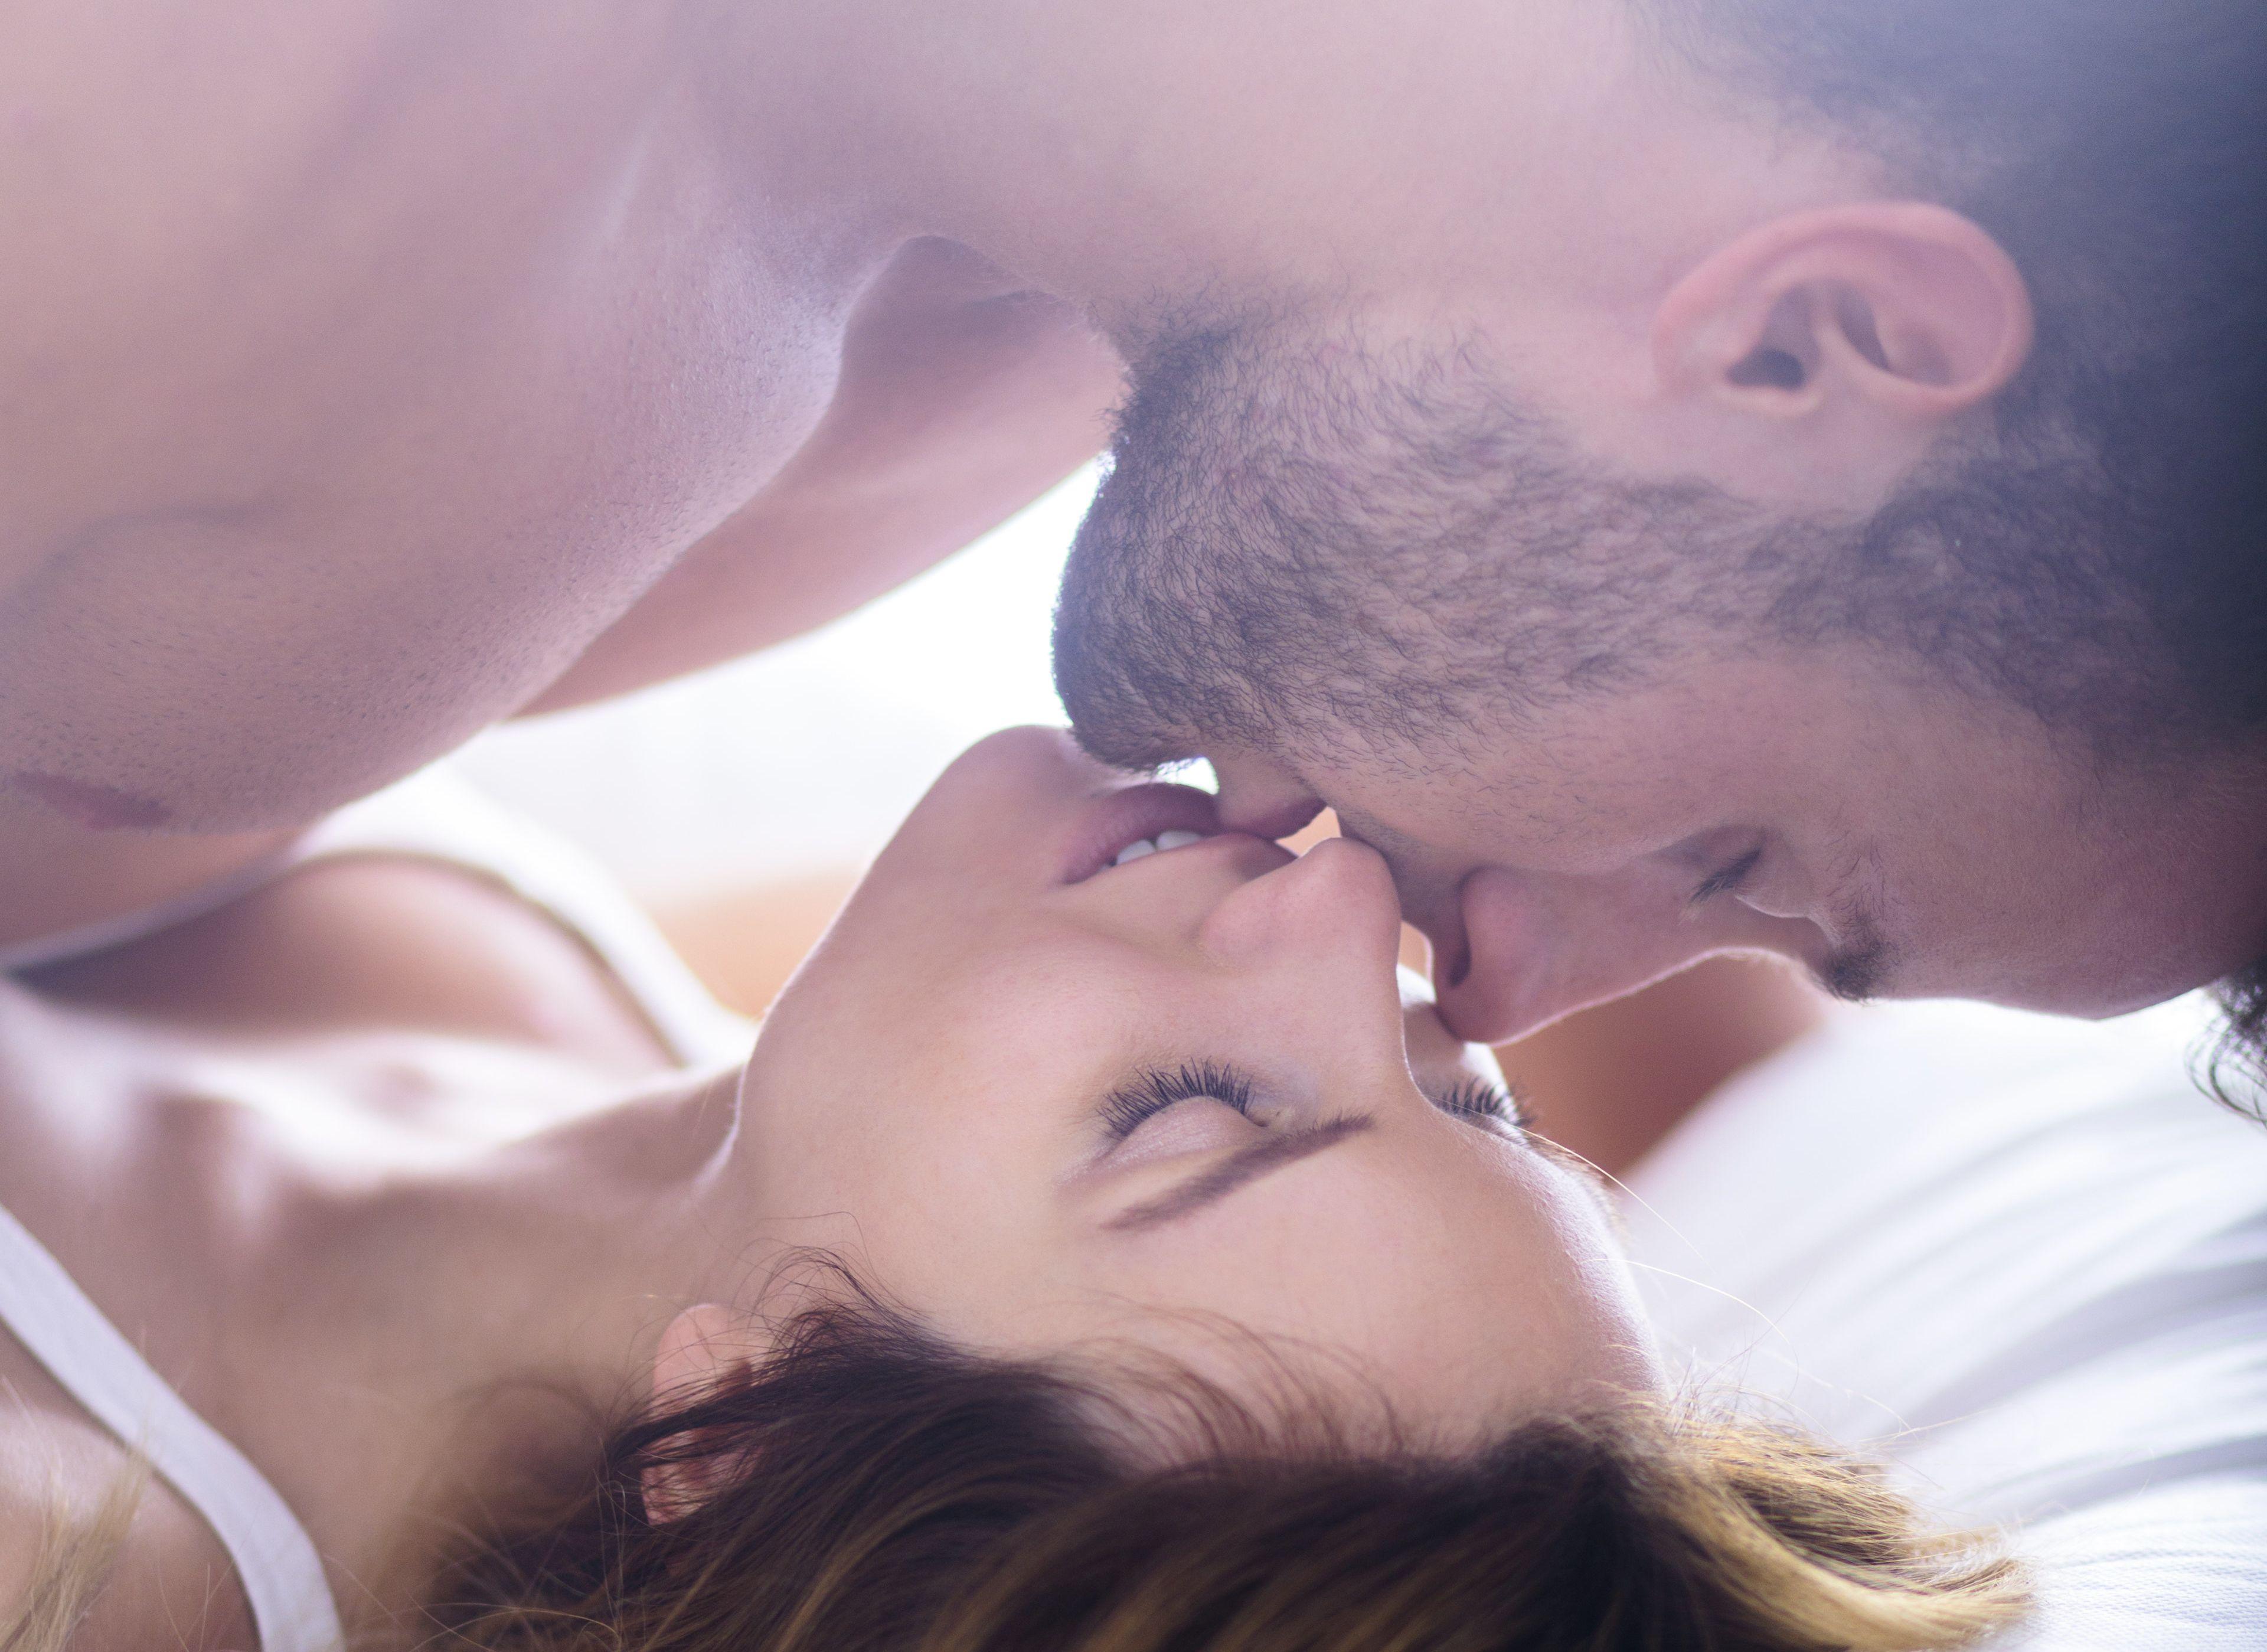 Смотреть классический нежный секс, нежный секс. Смотрите бесплатное нежное порно 6 фотография